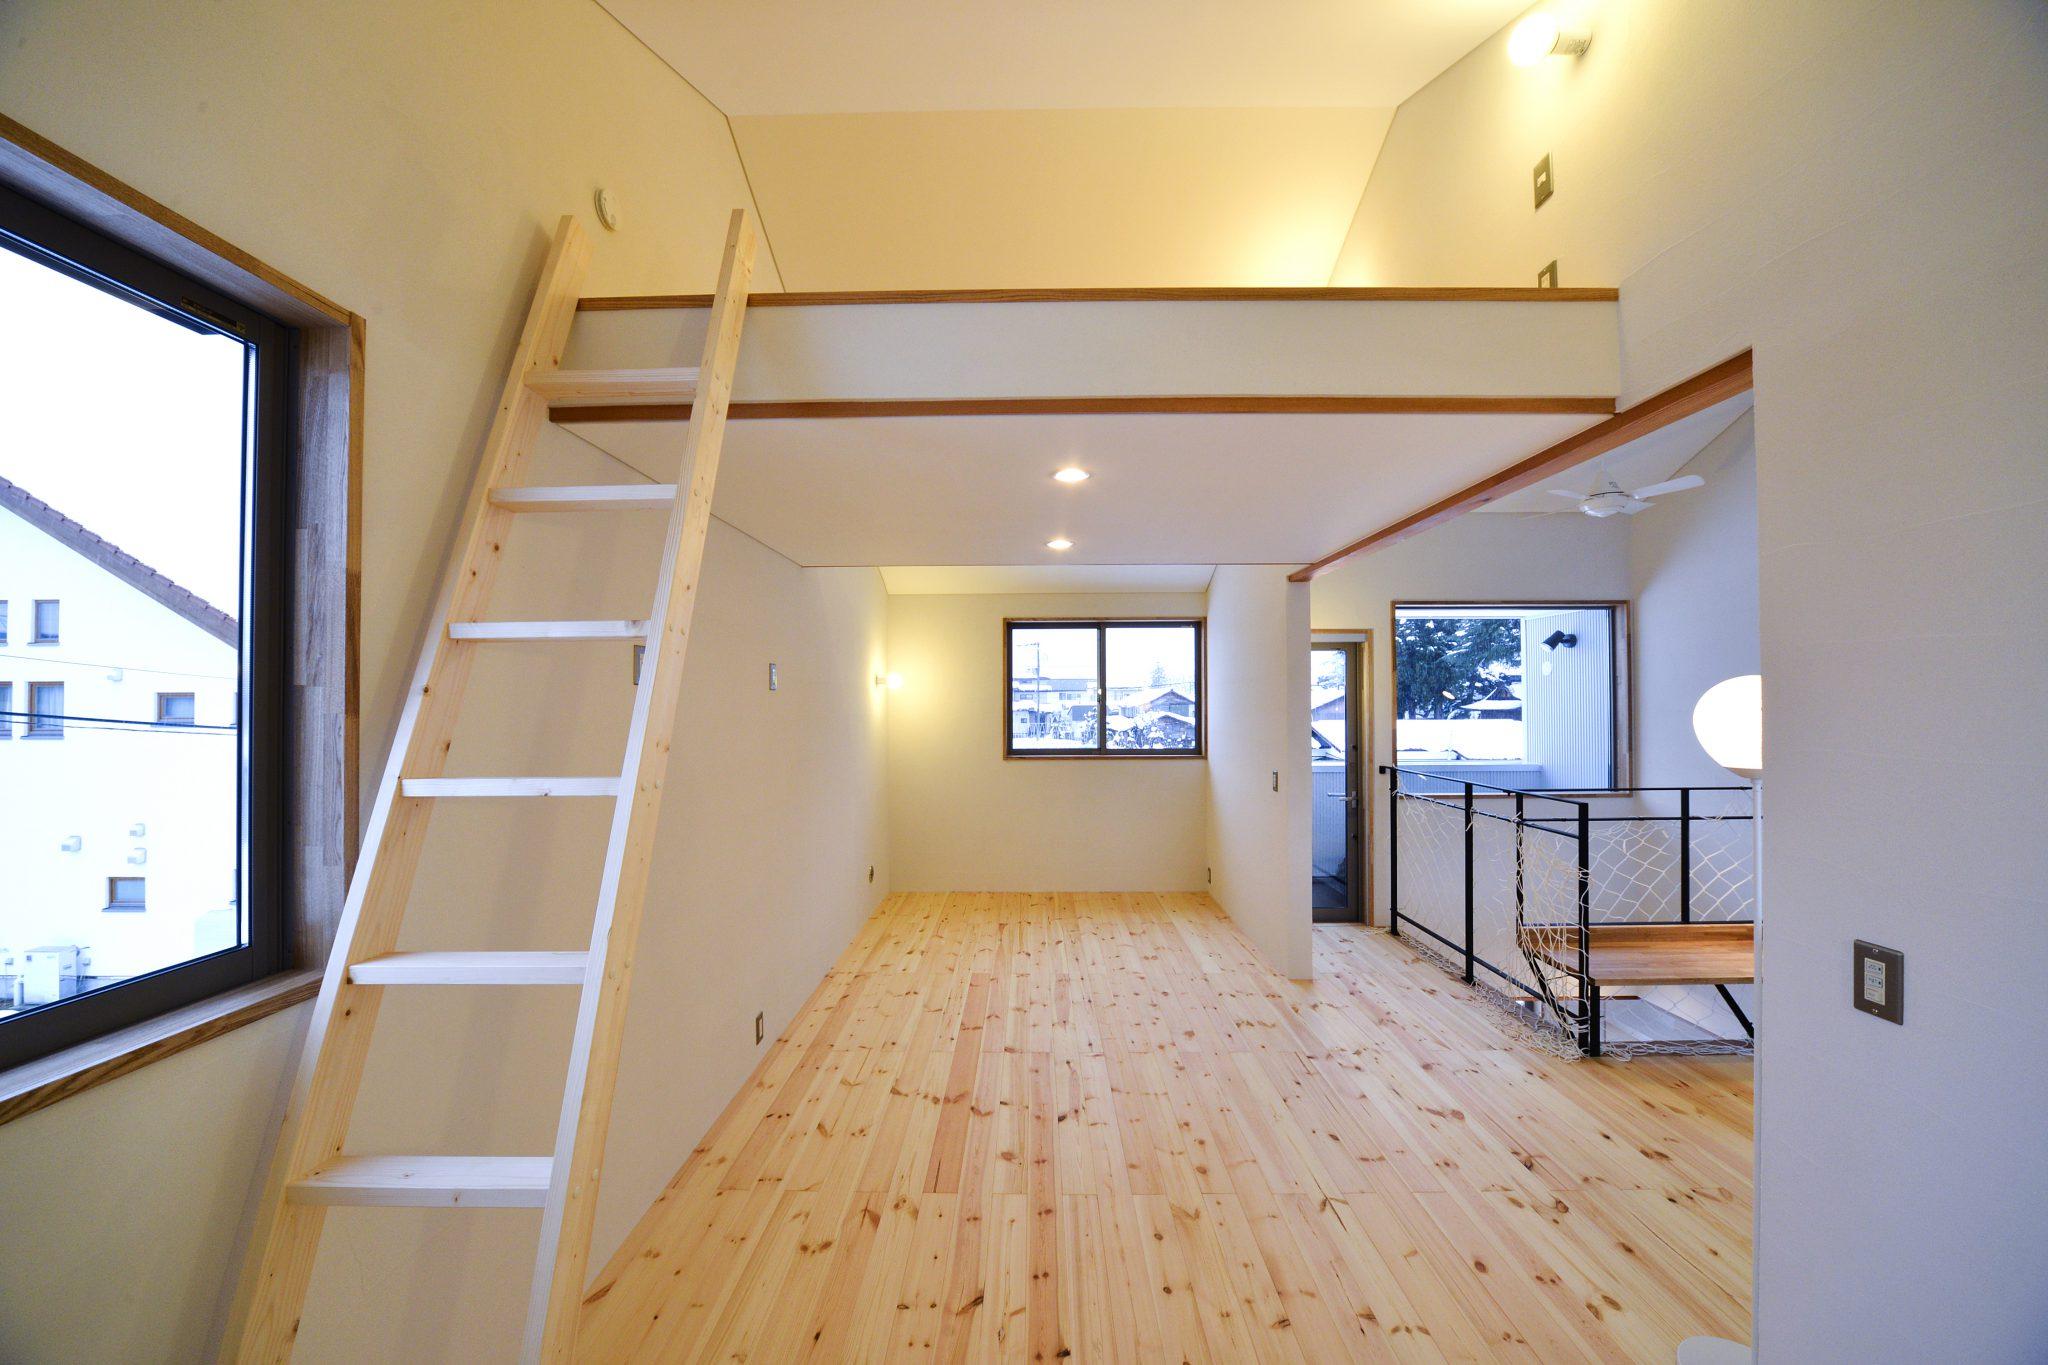 新築住宅のことなら私達にご相談ください!